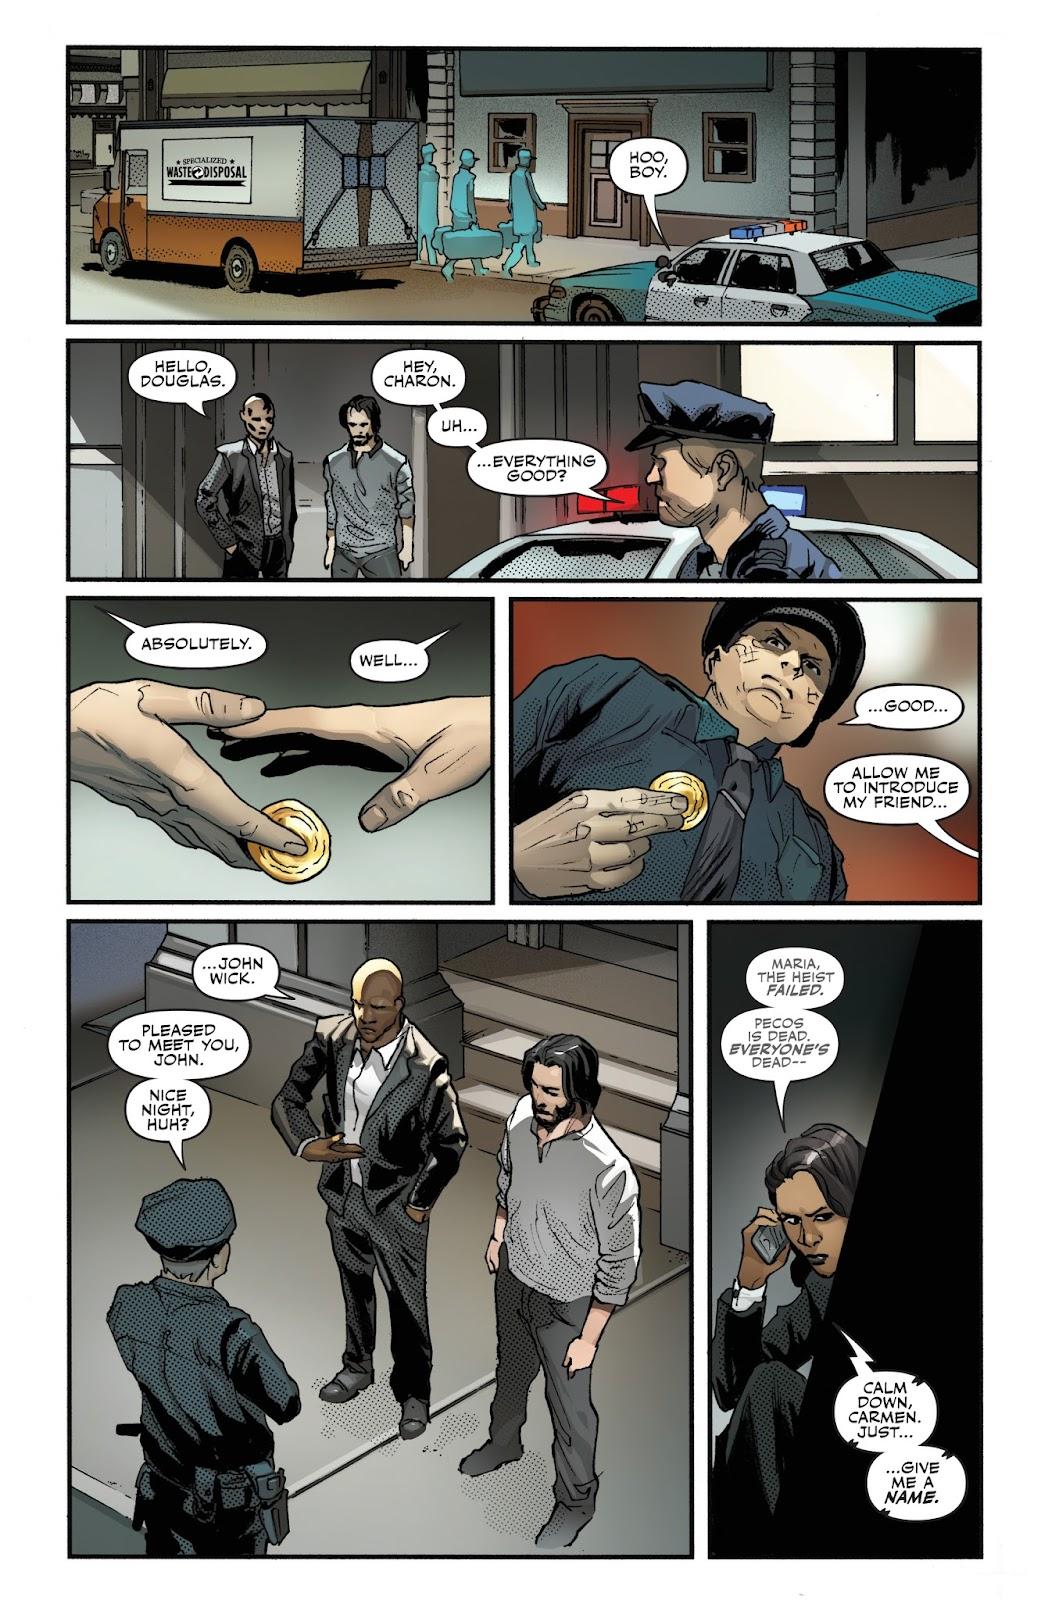 John Wick 1 Read John Wick Issue 1 Online Full Page